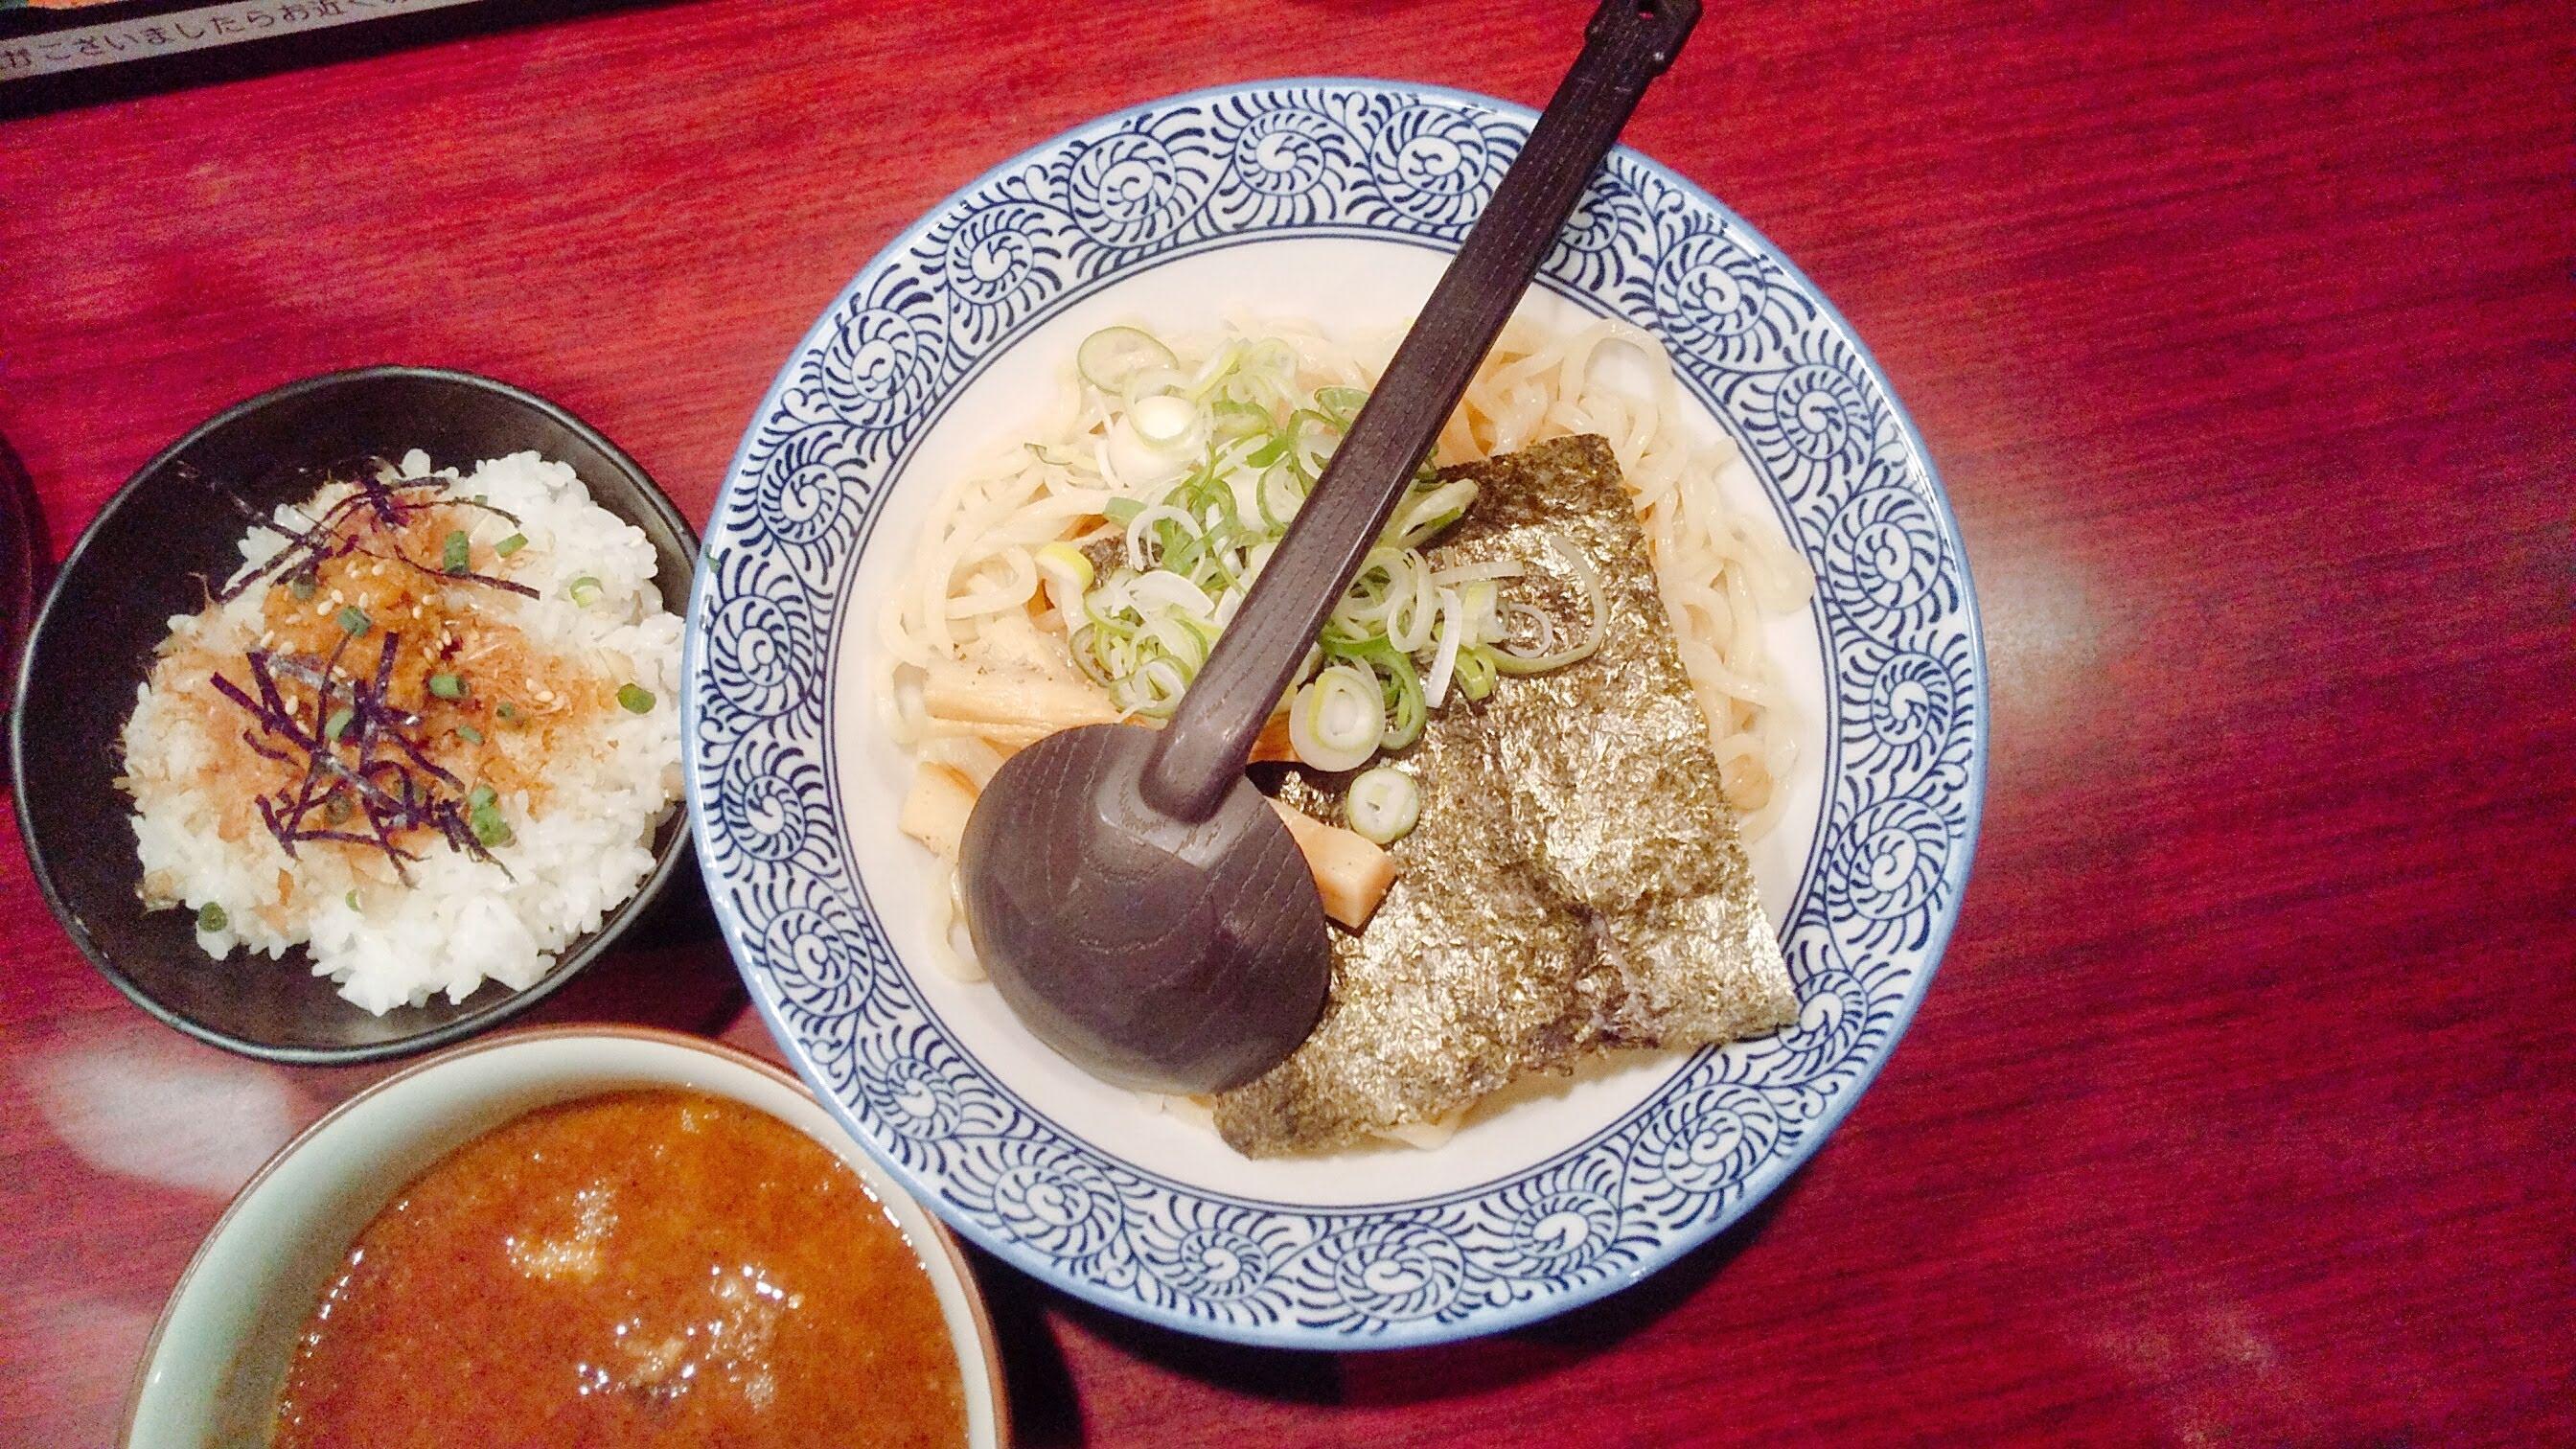 久楽の朝つけ麺セットの麺皿の写真